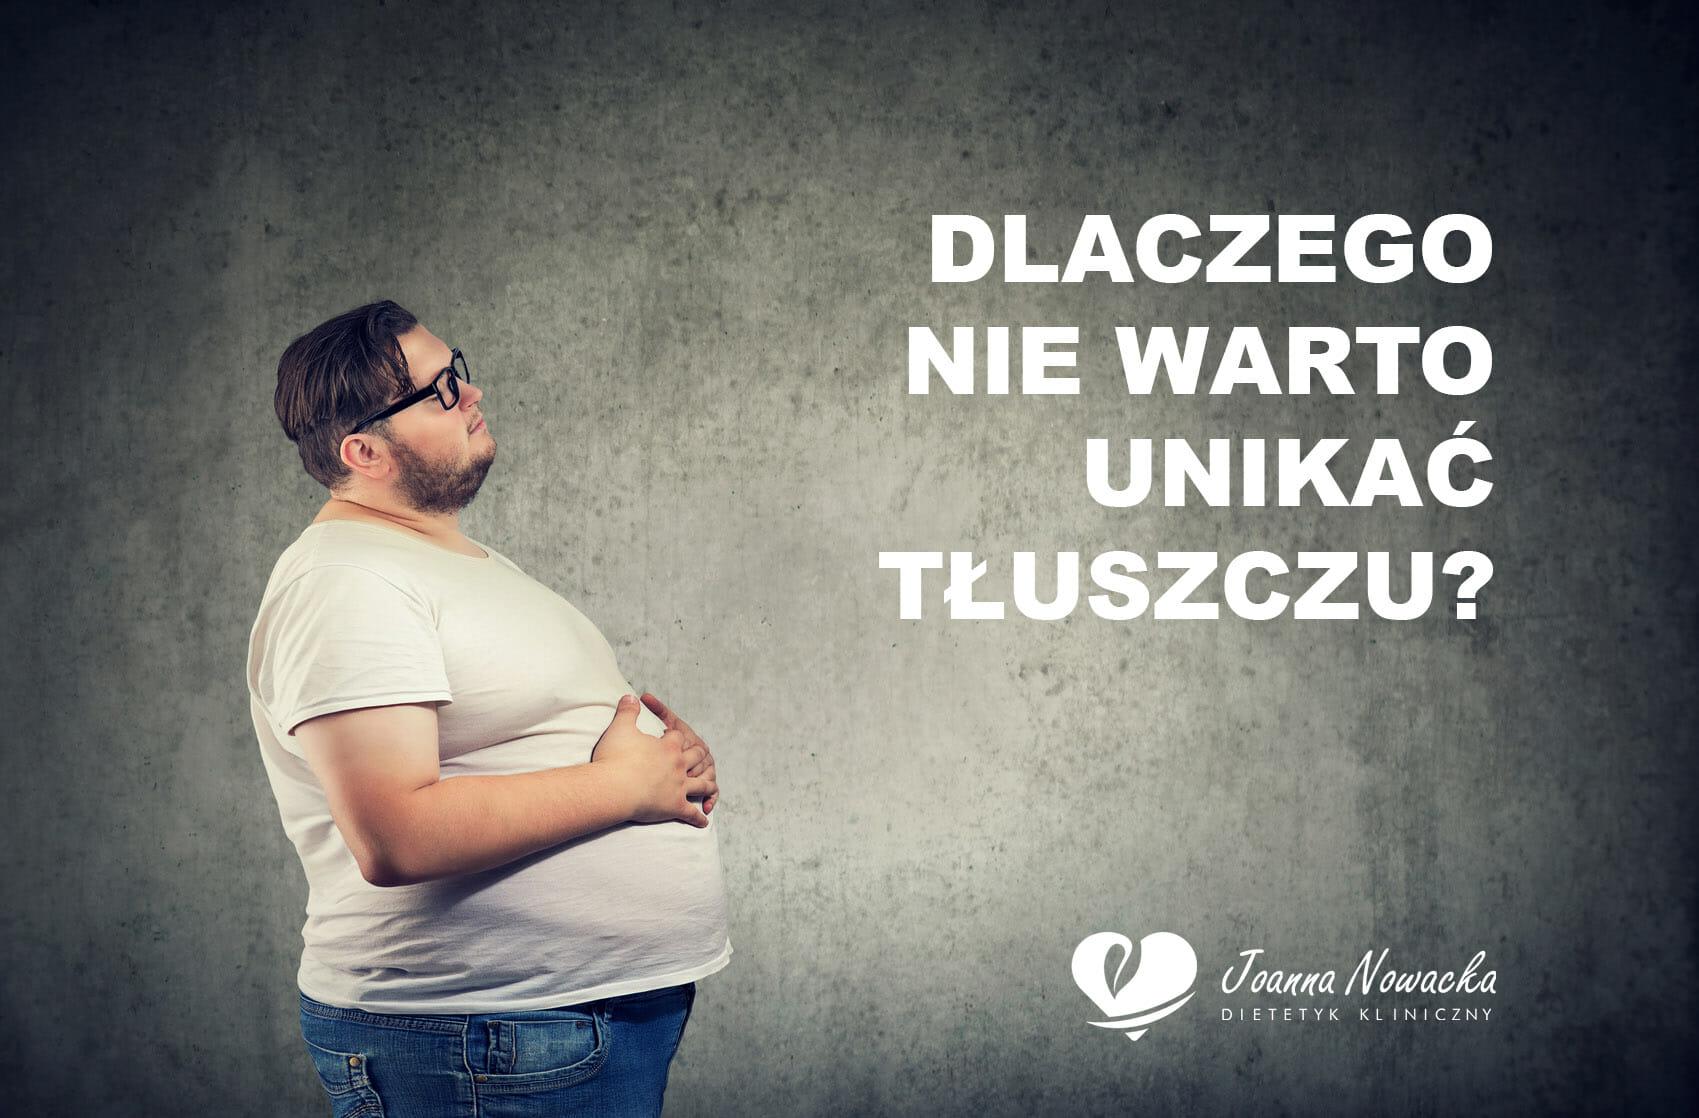 dlaczego nie unikać tłuszczu